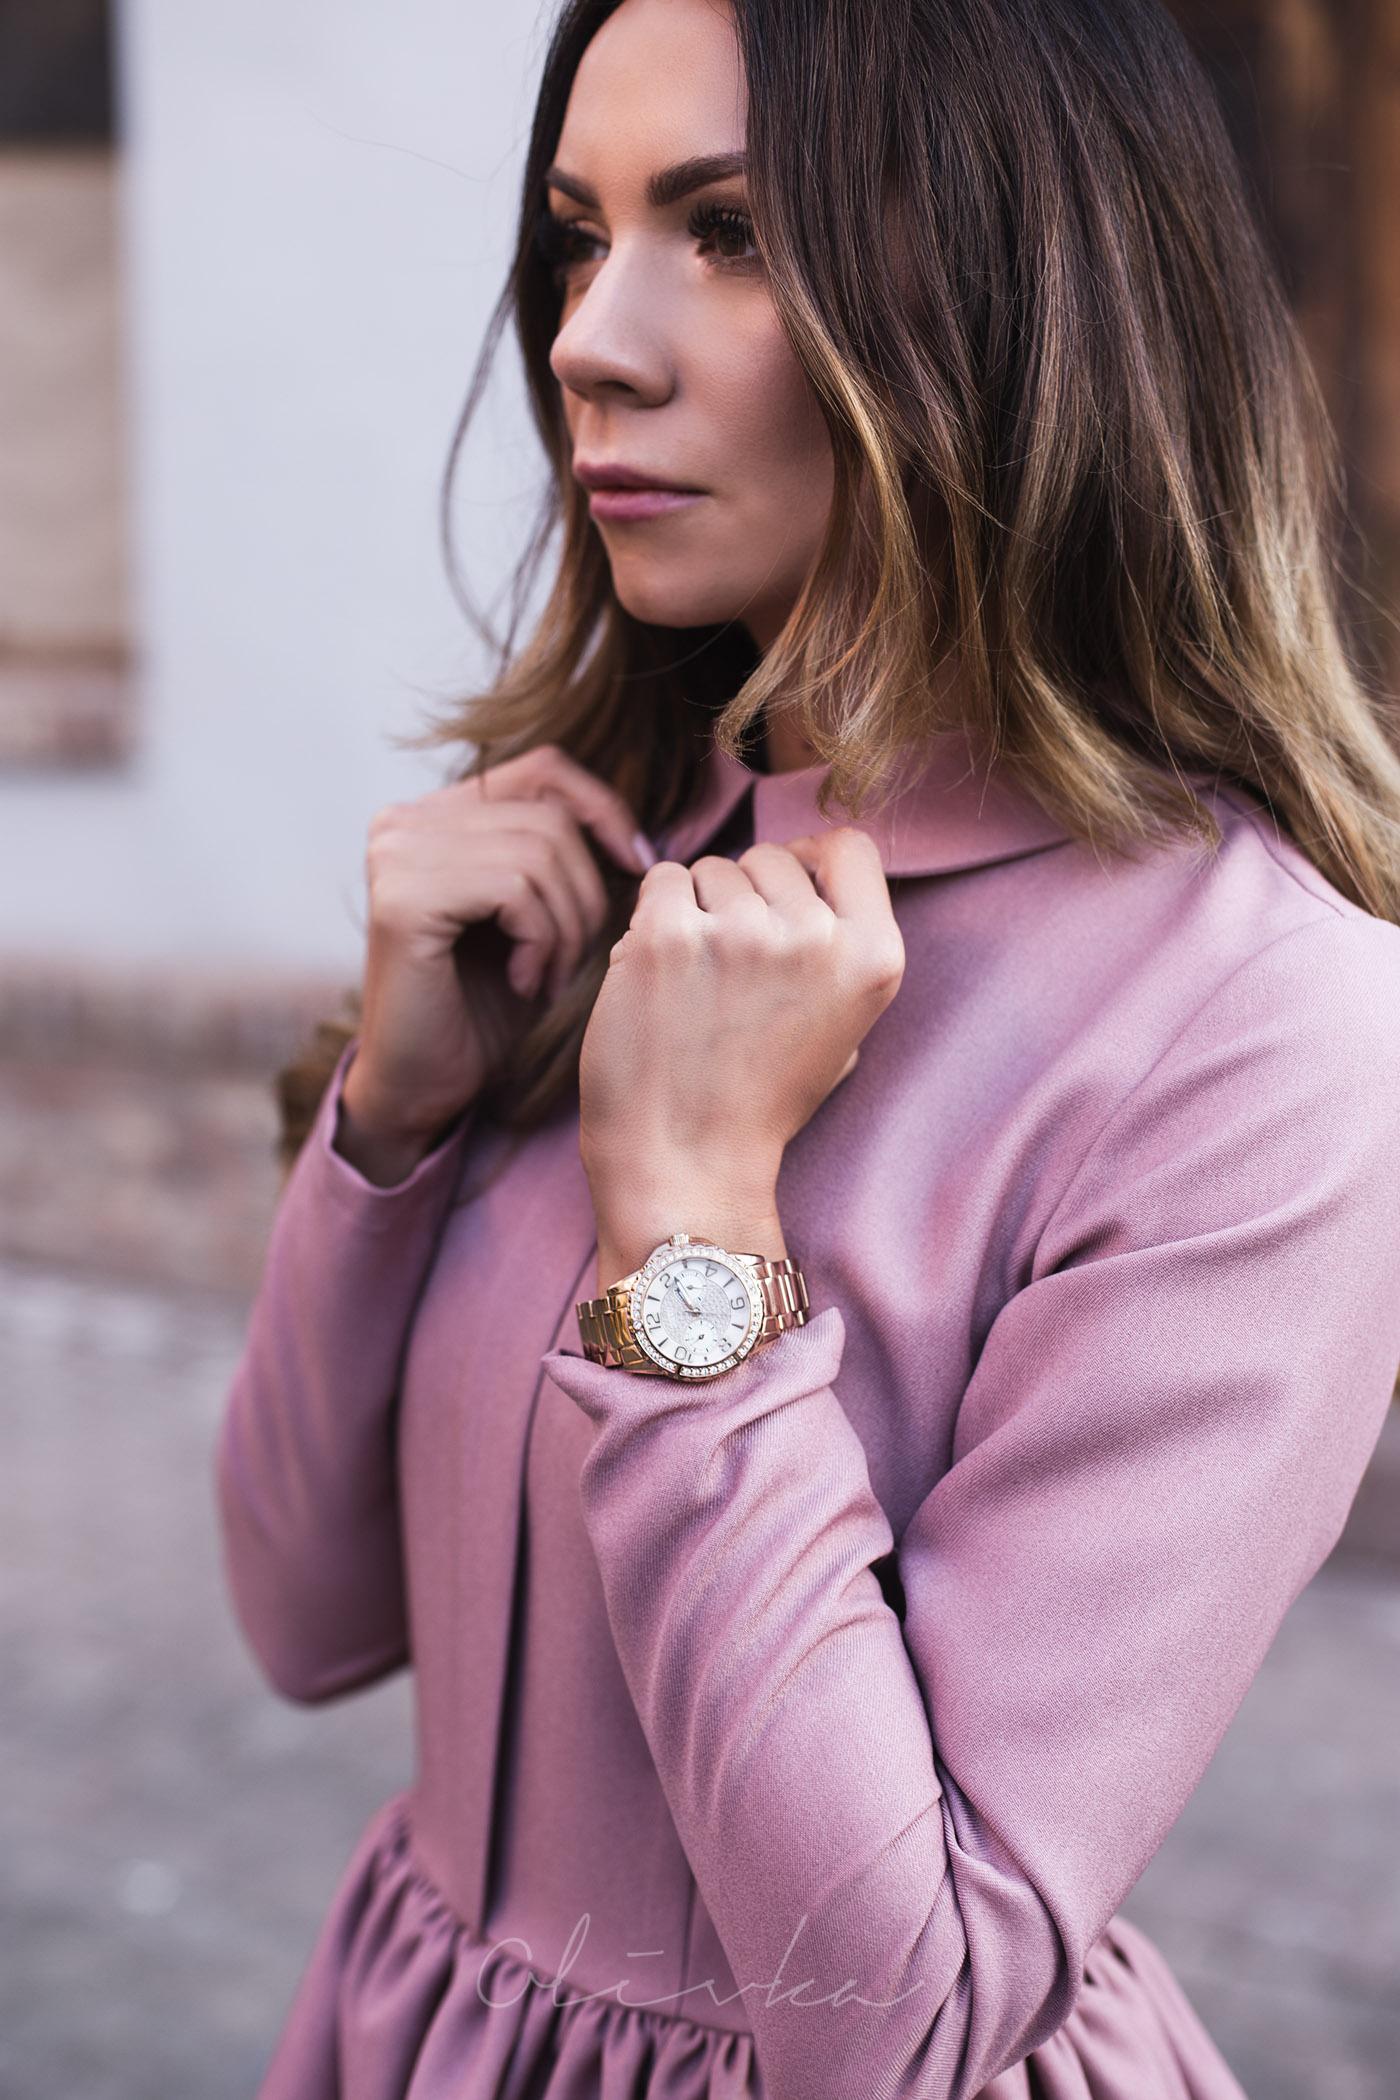 Zegarek guess, sukienka belette